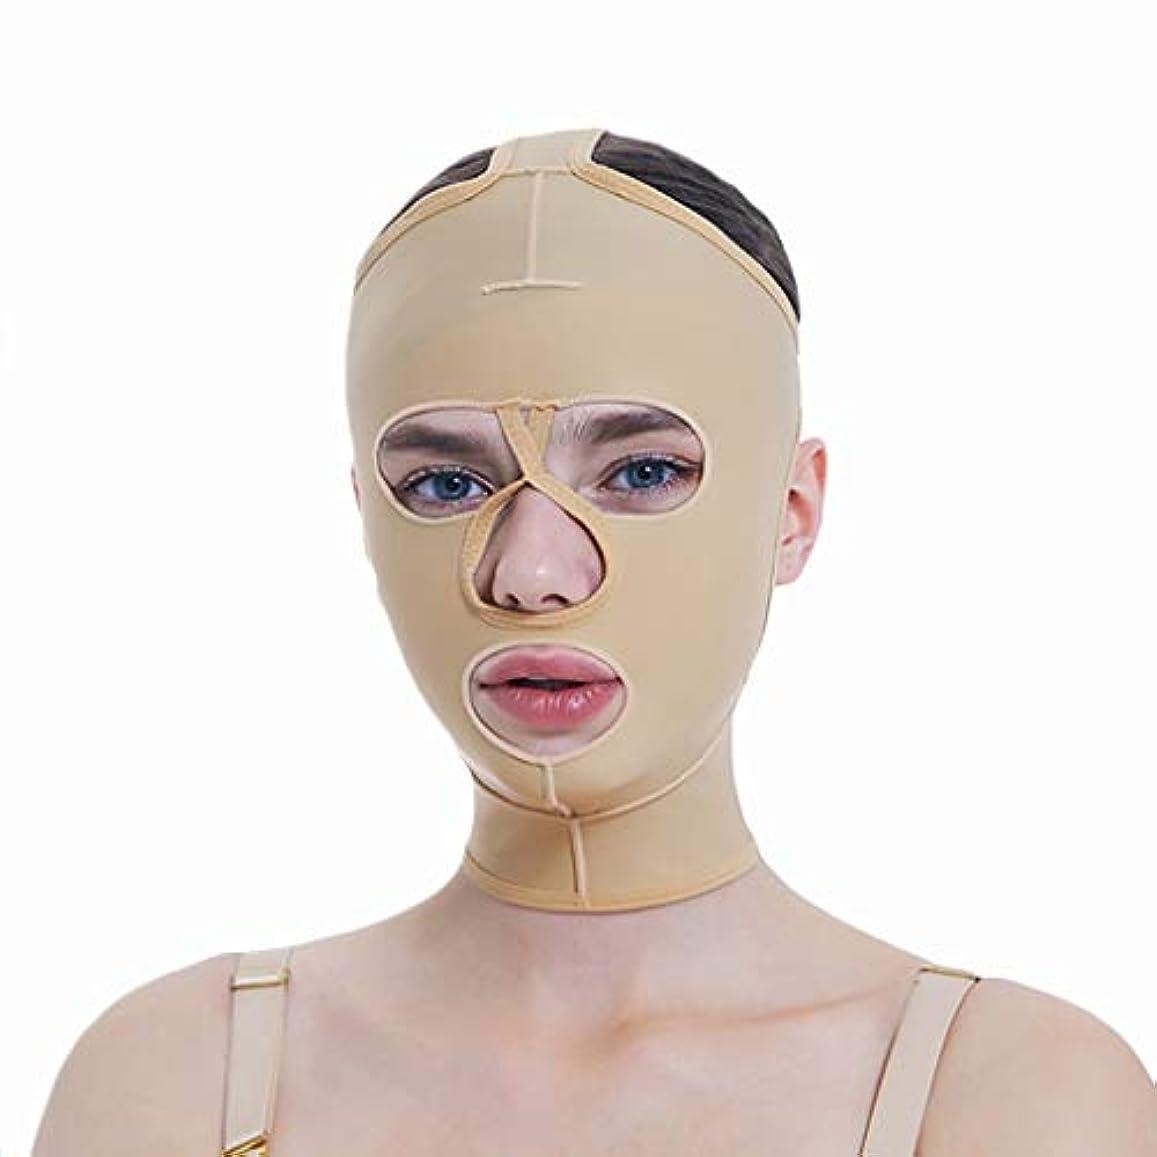 設計会計士新着XHLMRMJ 顔の減量マスク、フルカバレッジ包帯、フルフェイスリフティングマスク、フェイスマスク、快適で通気性、リフティングシェーピング (Size : M)